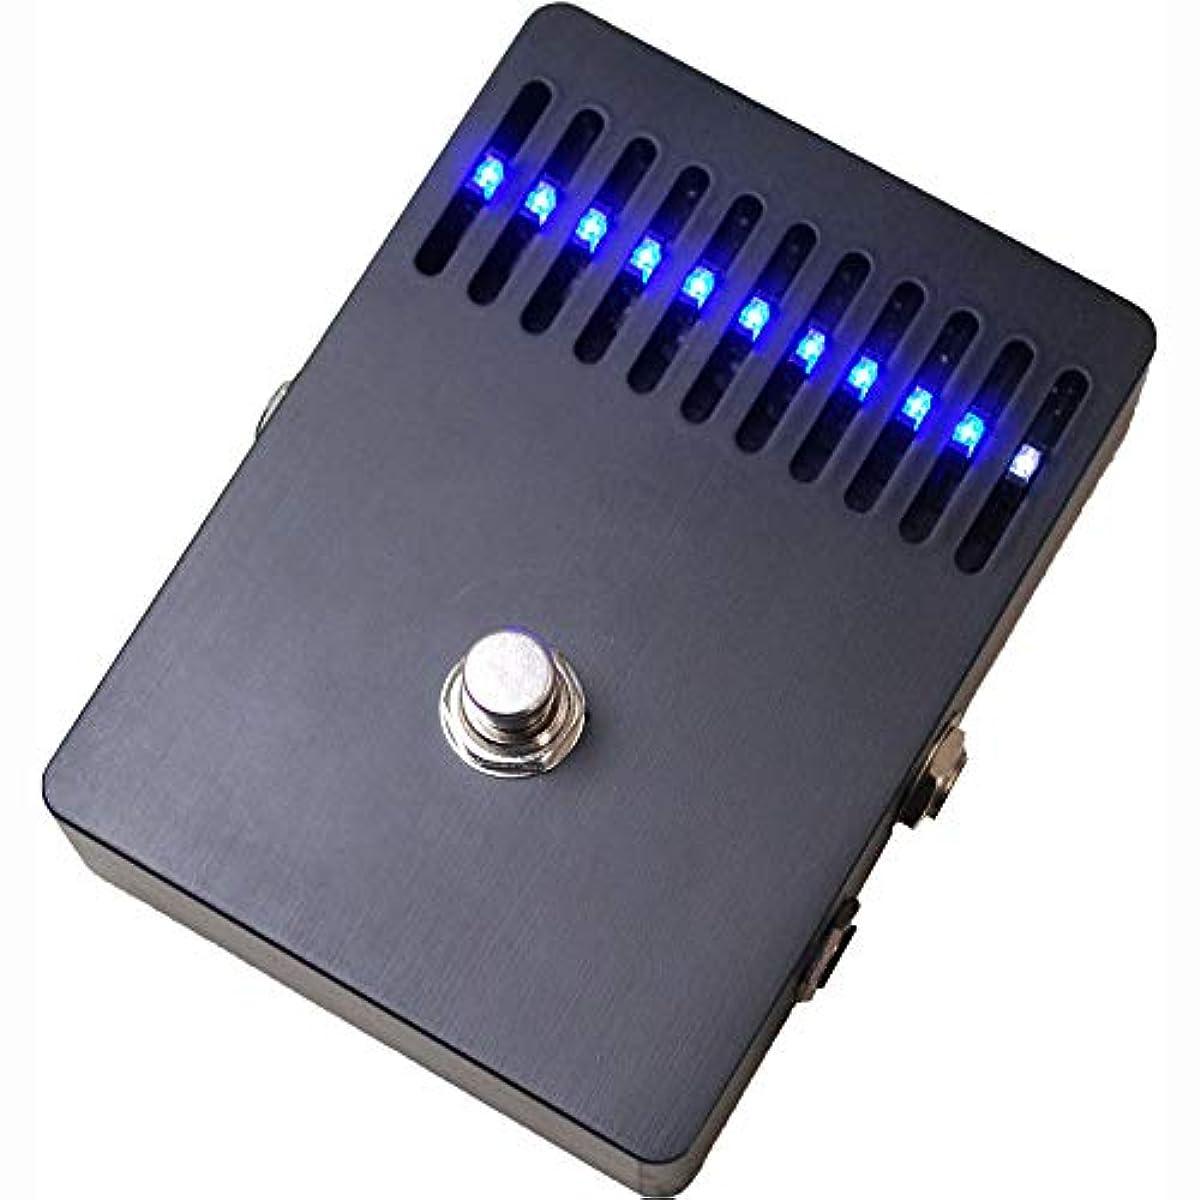 [해외] LEQTIQUE 10BAND EQ MATTE BLACK BLUE LED 10밴드 그래픽 이퀄라이저